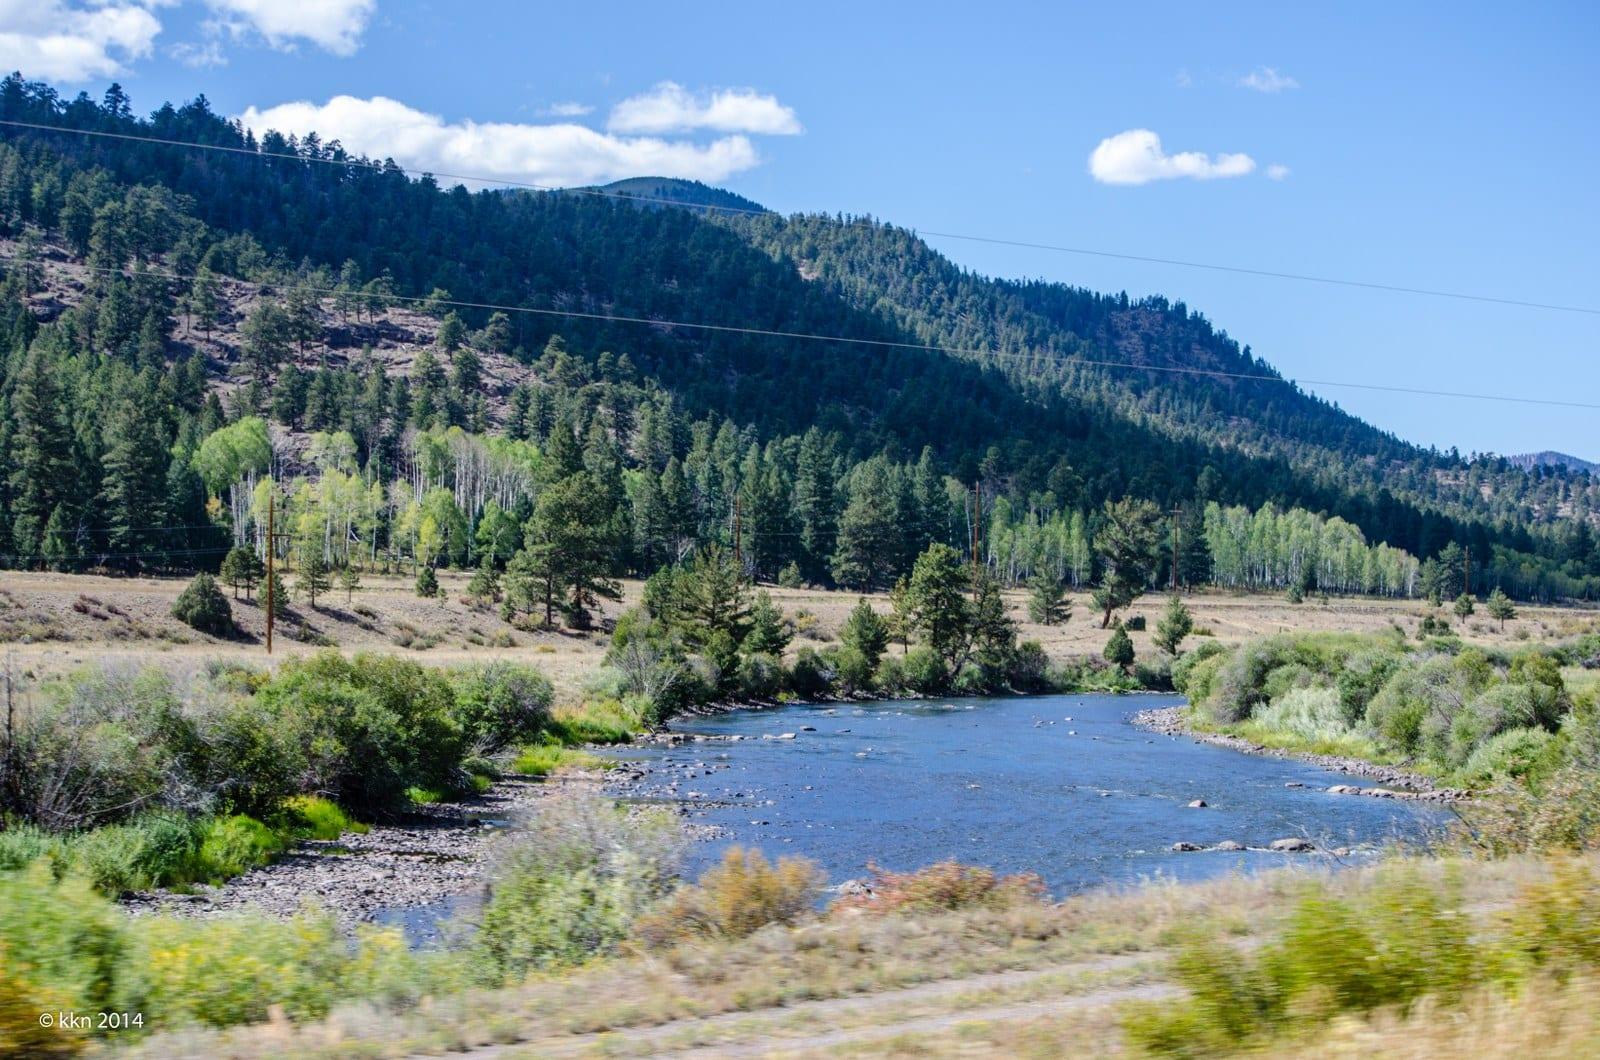 Rio Grande River in CO